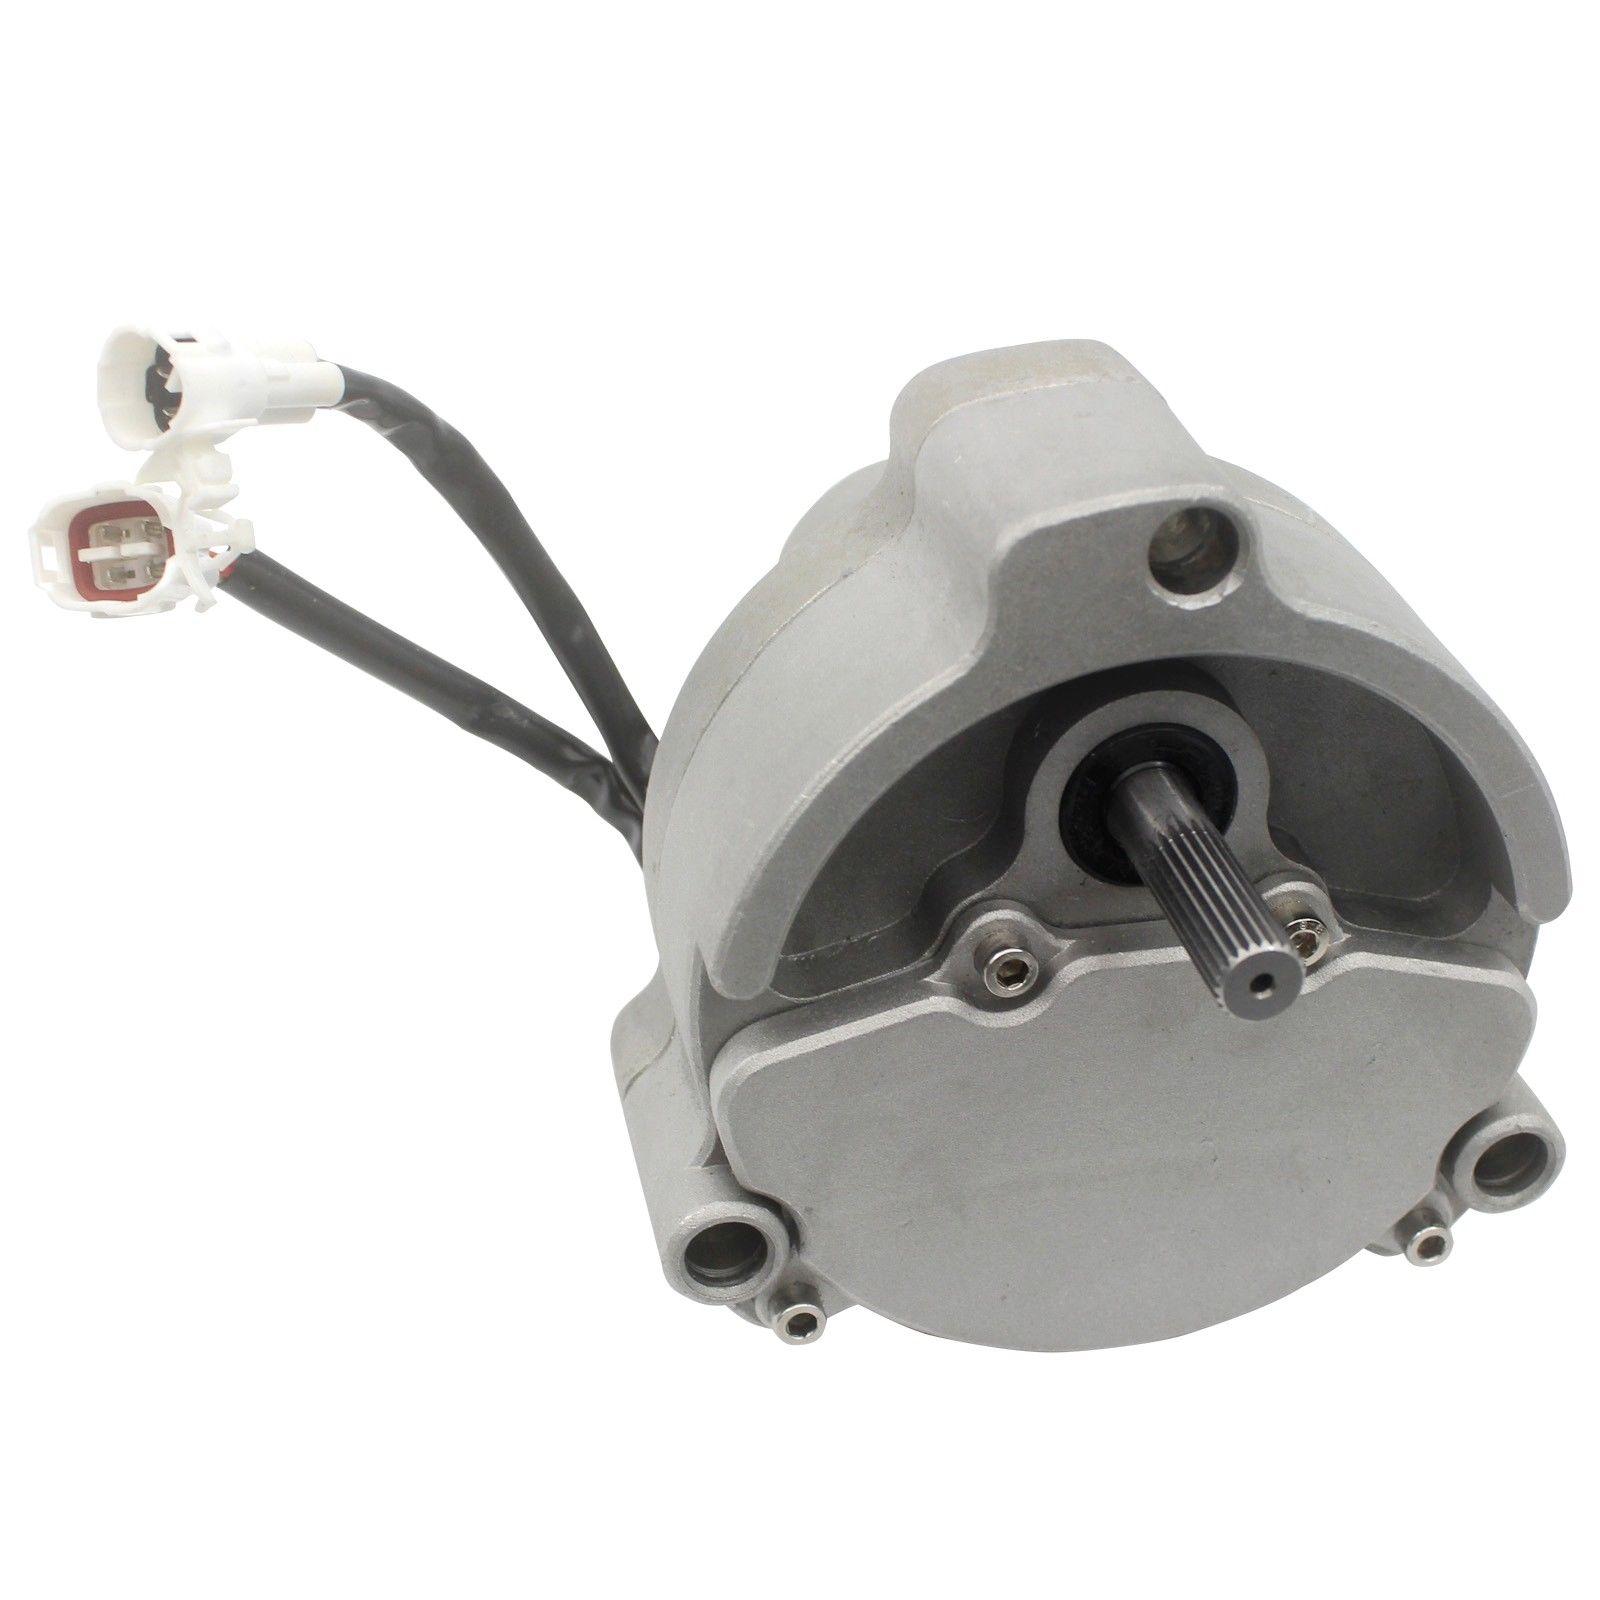 kp56rm2g 004 fd10222009 yn2406u197f4 sk200 3 sk200 5 do motor do acelerador para kobelco